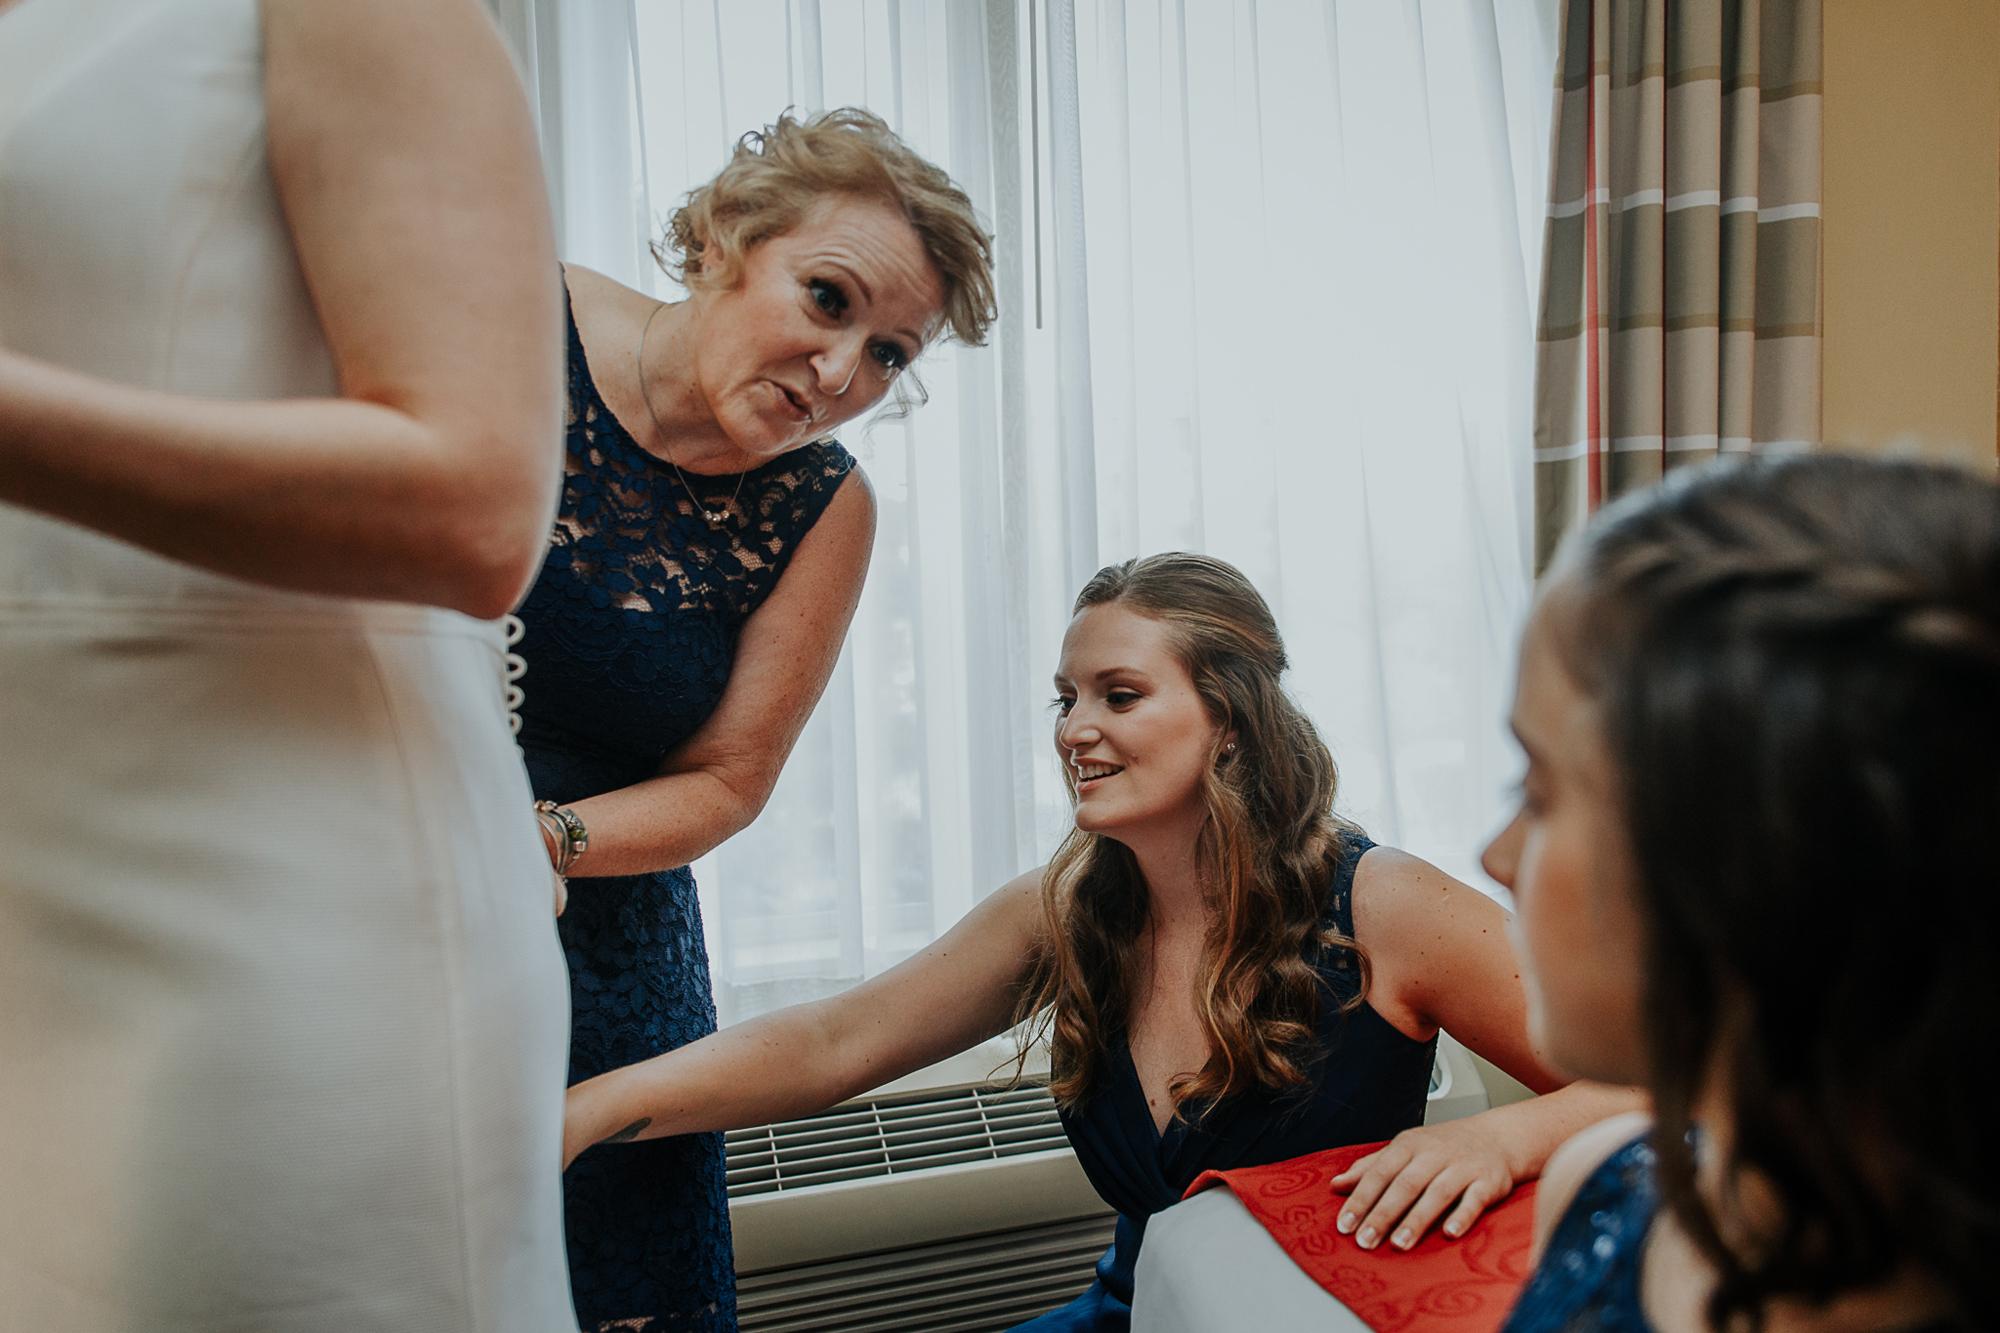 024-annapolis_courthouse_wedding.jpg